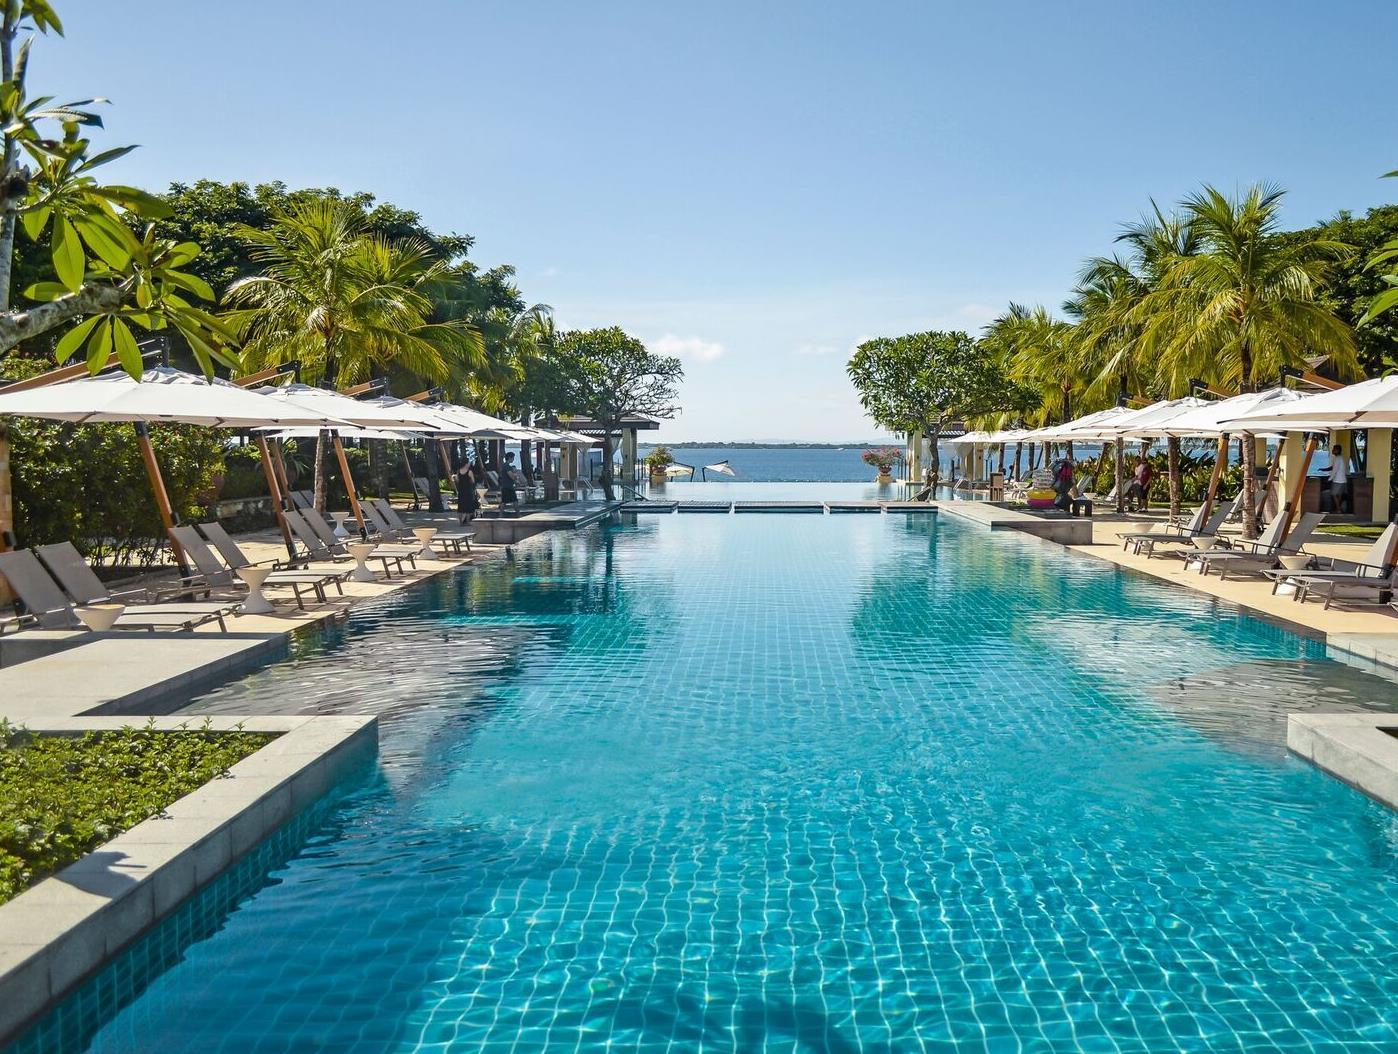 Crimson Resort and Spa, Lapu-Lapu City